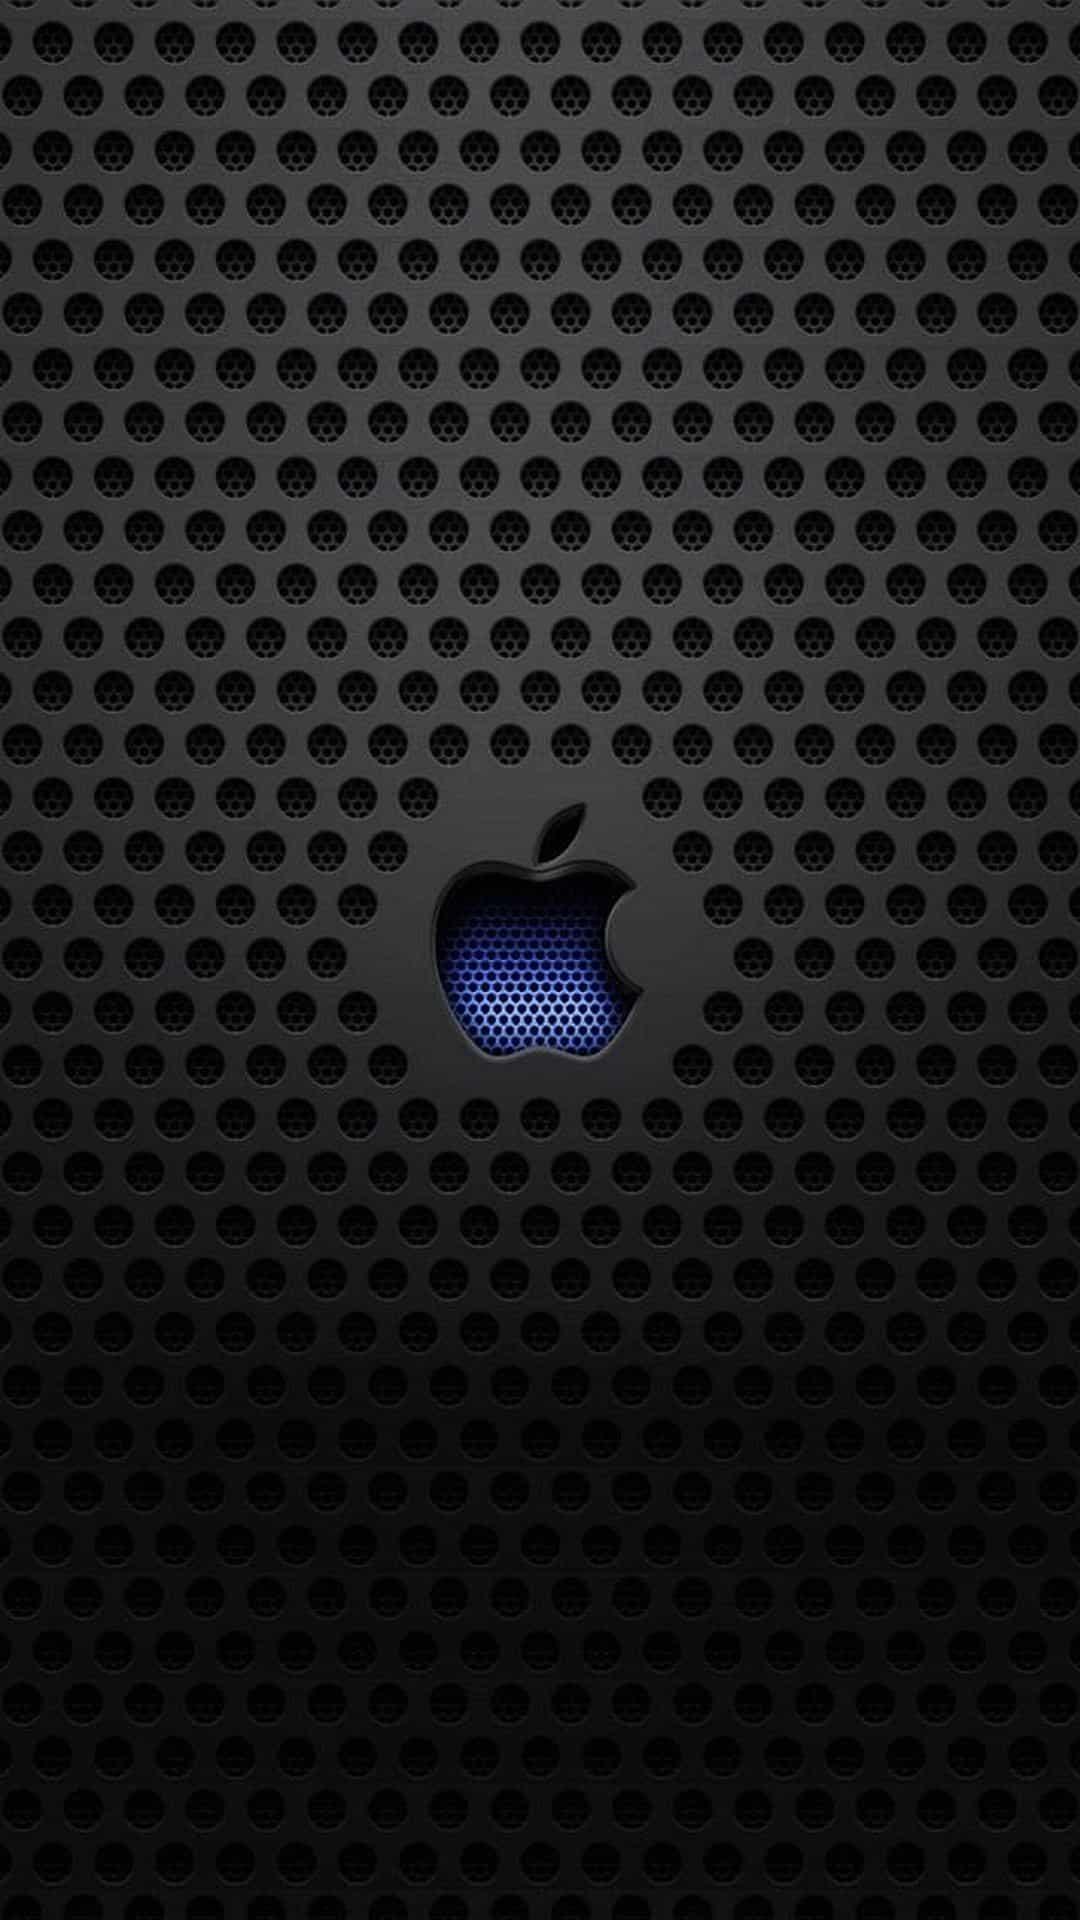 Famosos Os 30 melhores papéis de parede para o iPhone 7 DA36